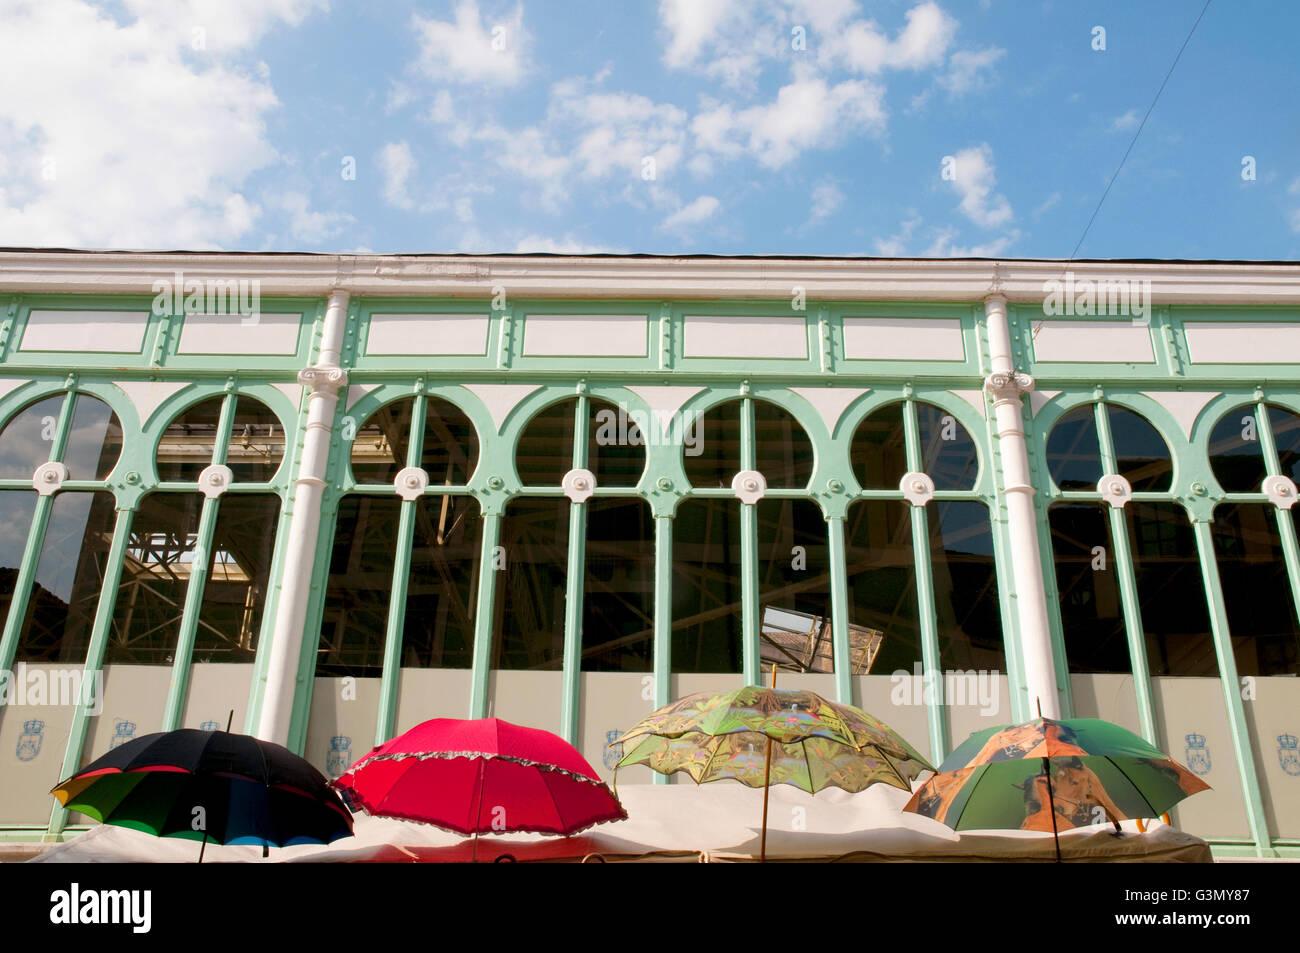 Fassade des El Fontan Markt und vier Sonnenschirme. Oviedo, Asturien, Spanien. Stockbild